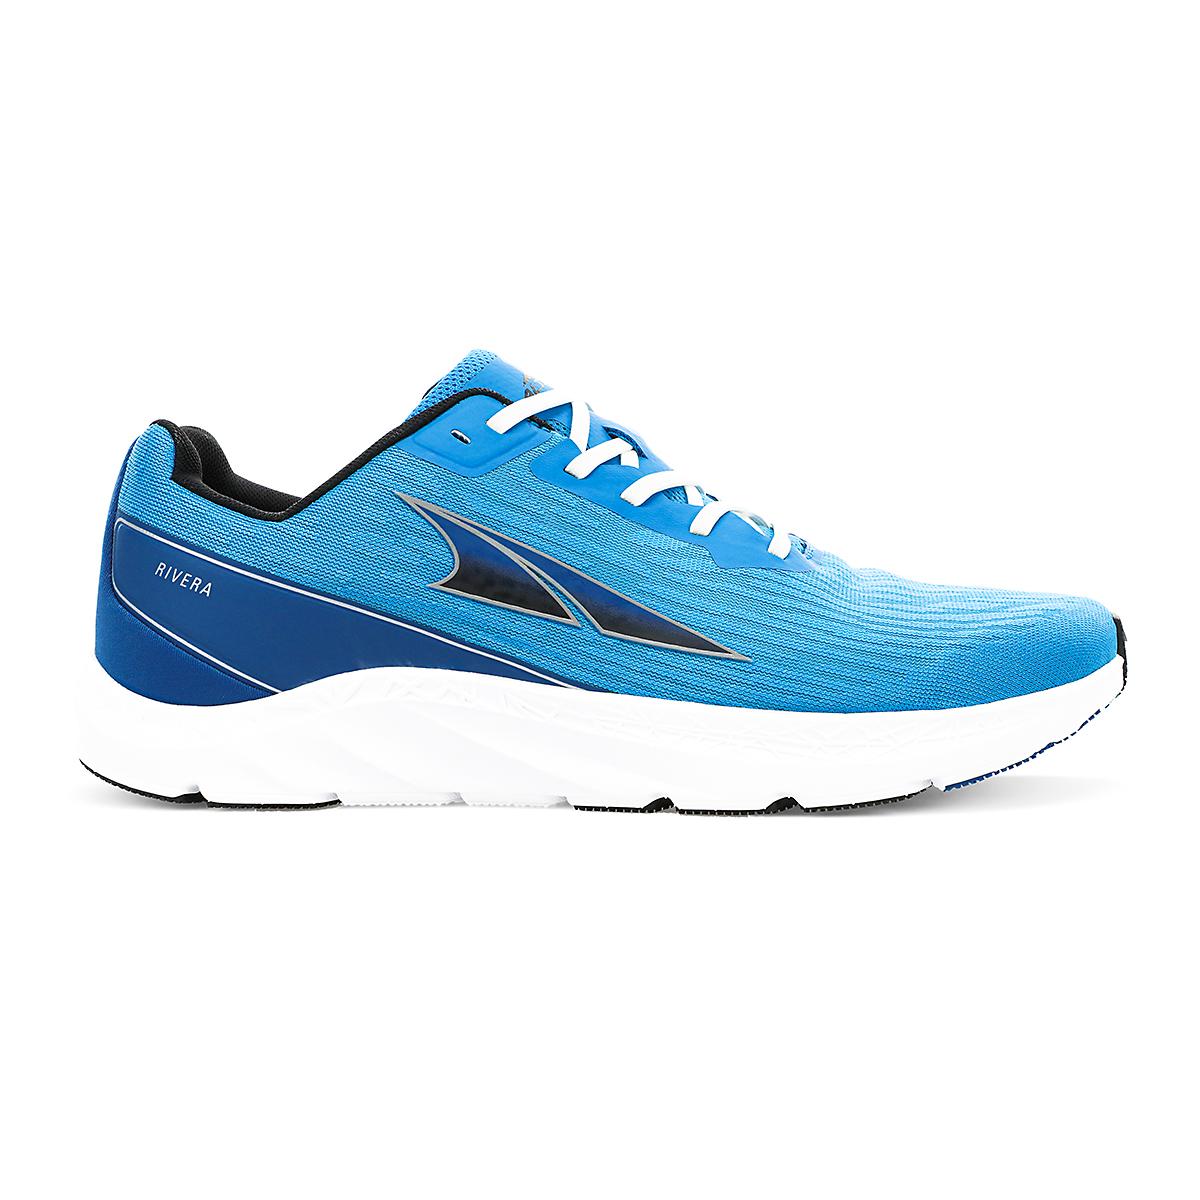 Men's Altra Rivera Running Shoe - Color: Light Blue - Size: 7 - Width: Regular, Light Blue, large, image 1